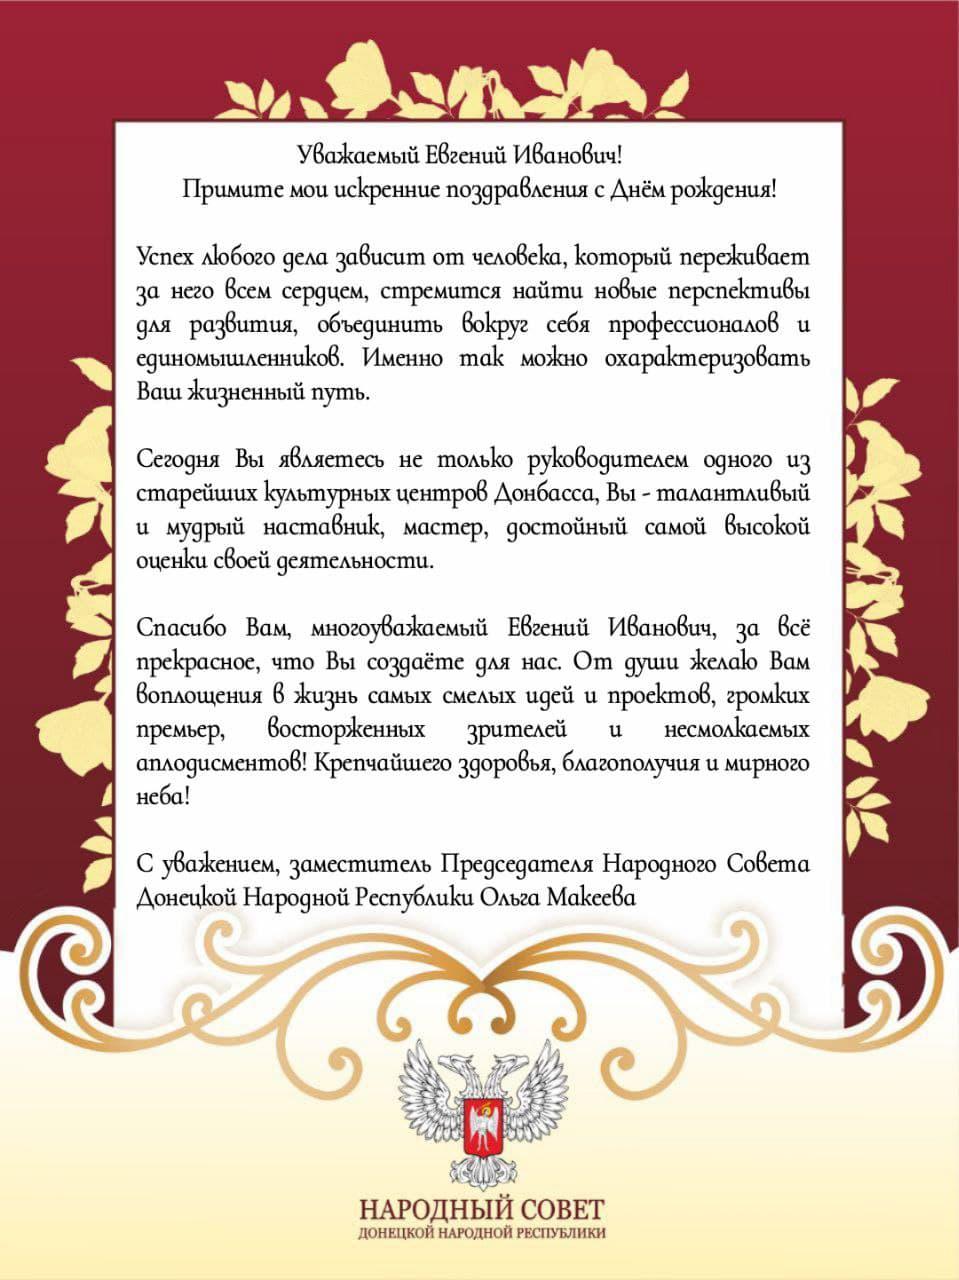 Поздравление от заместителя Председателя Народного Совета